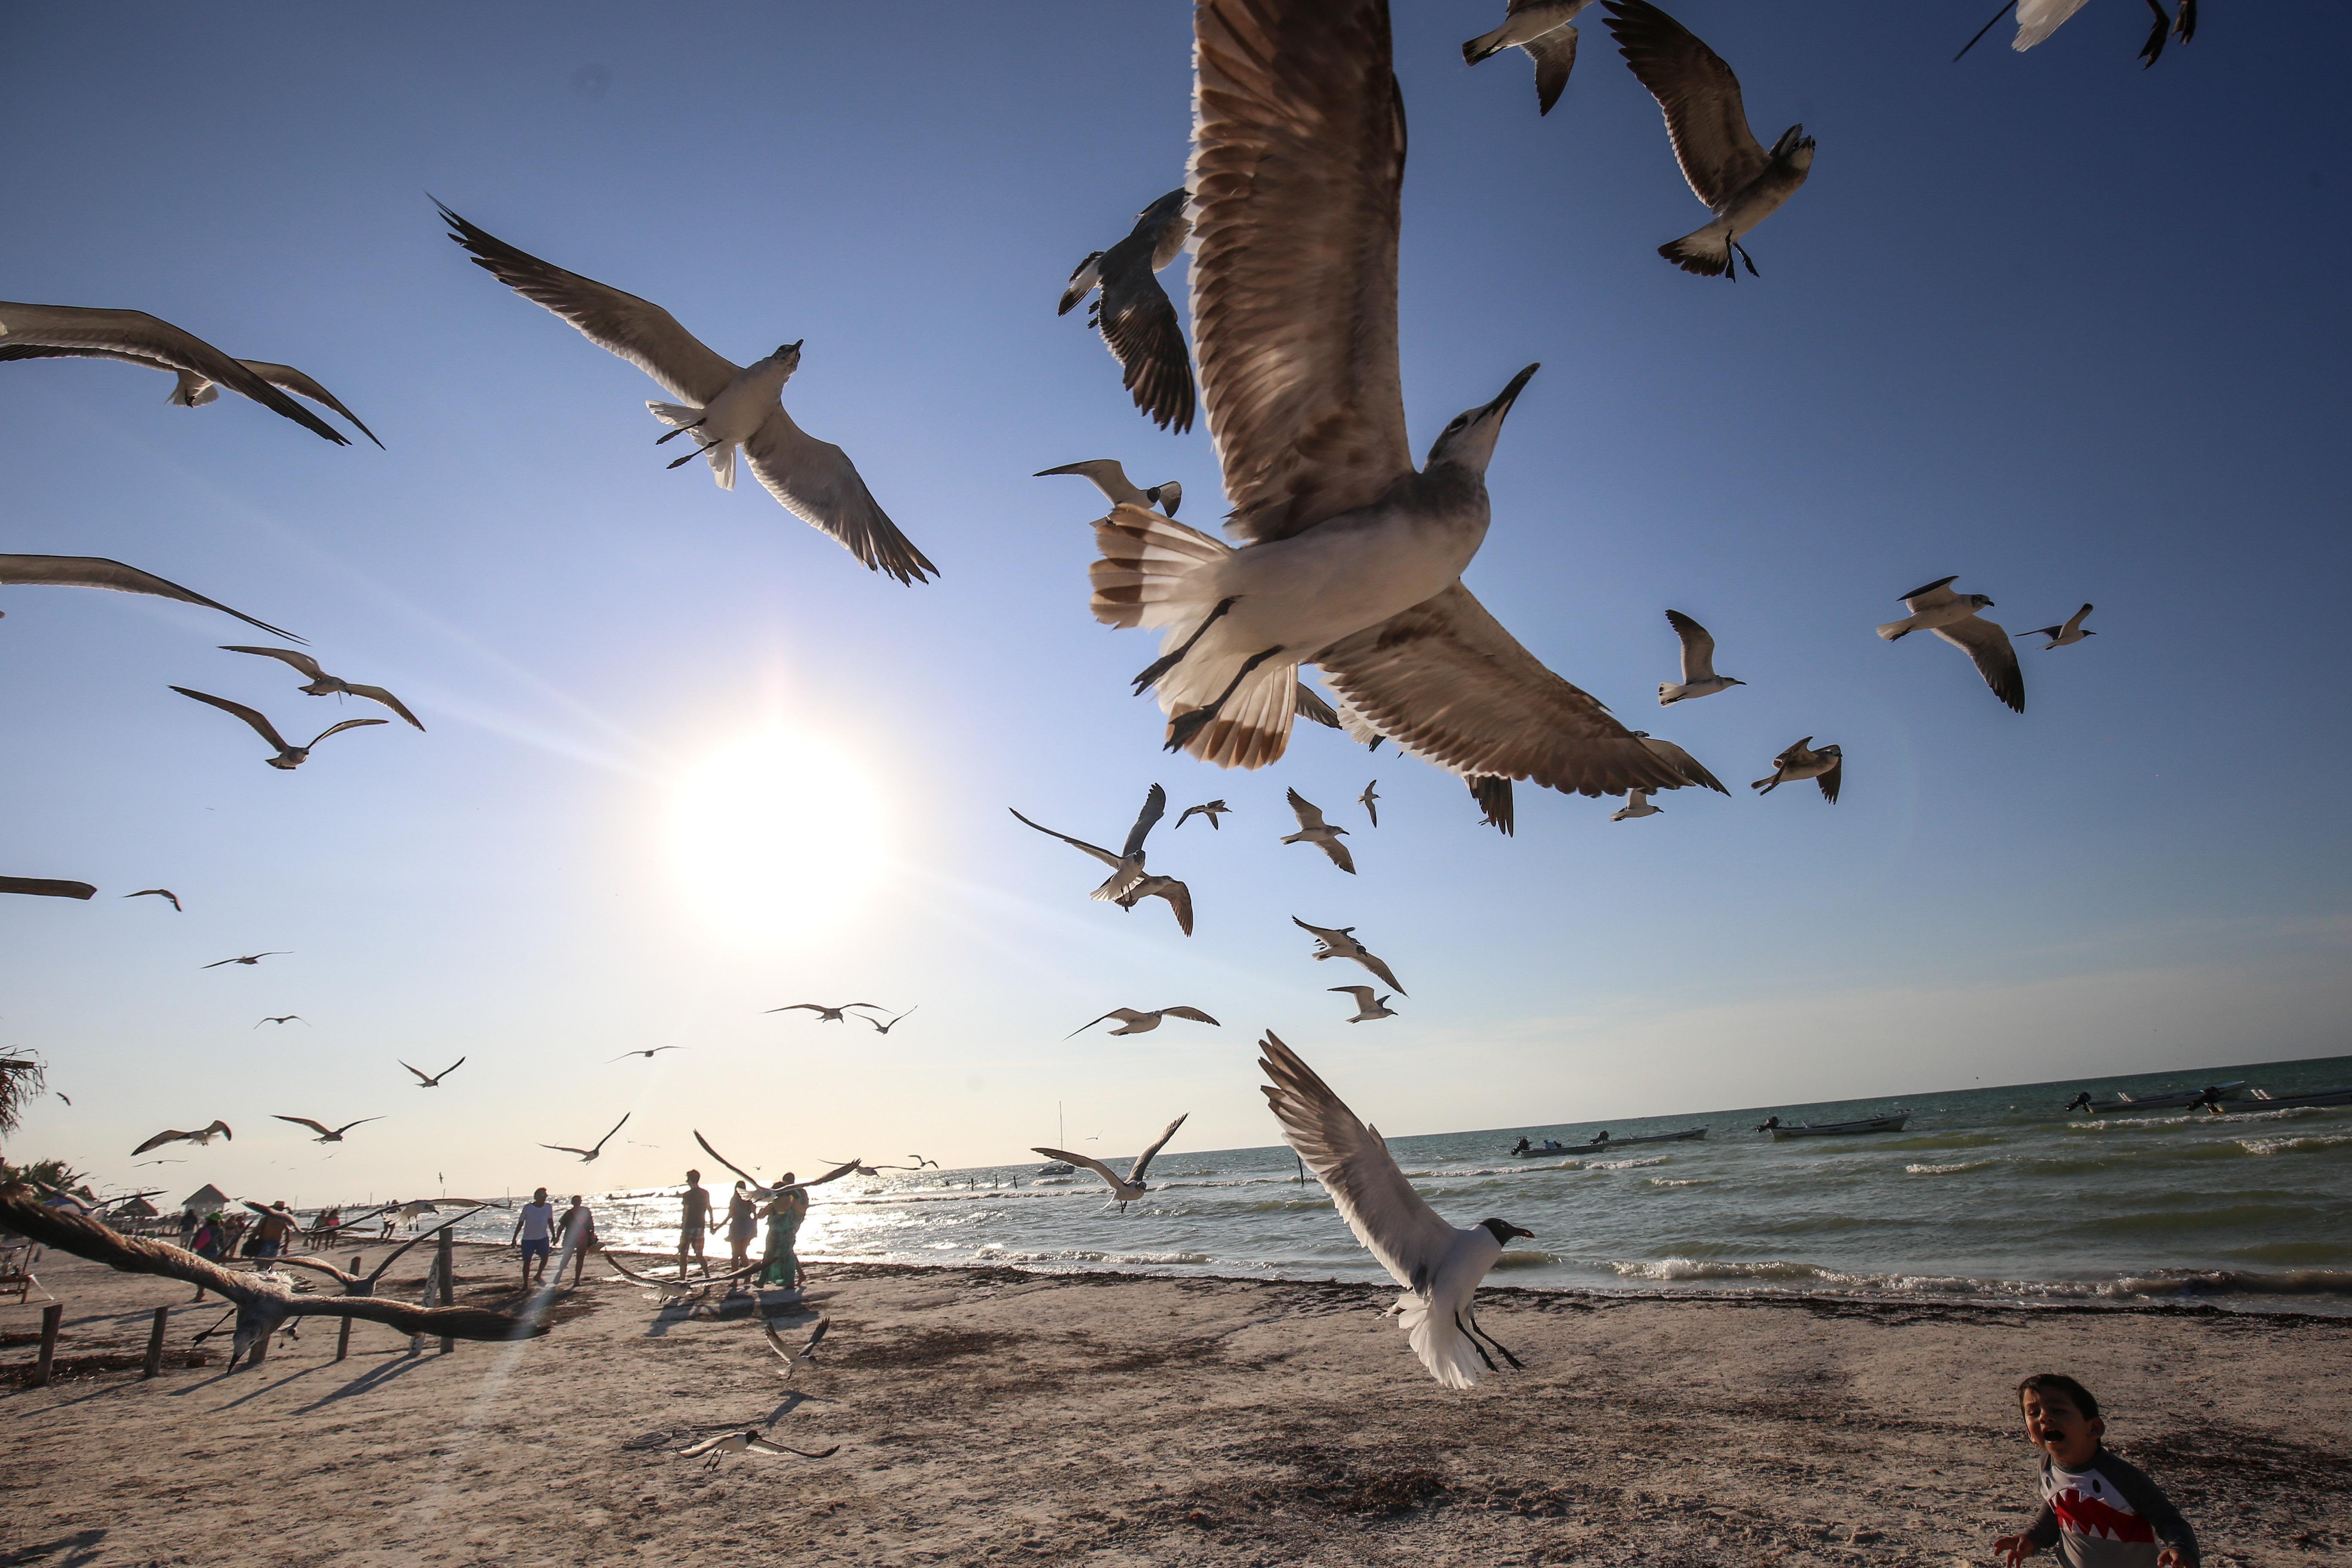 HOLBOX, QUINTANA ROO- Niños juegan con las gaviotas en la playa, muchas personas aprovecharon el fin de semana largo para salir a los diferentes destinos turísticos del país. FOTO: ELIZABETH RUIZ /CUARTOSCURO